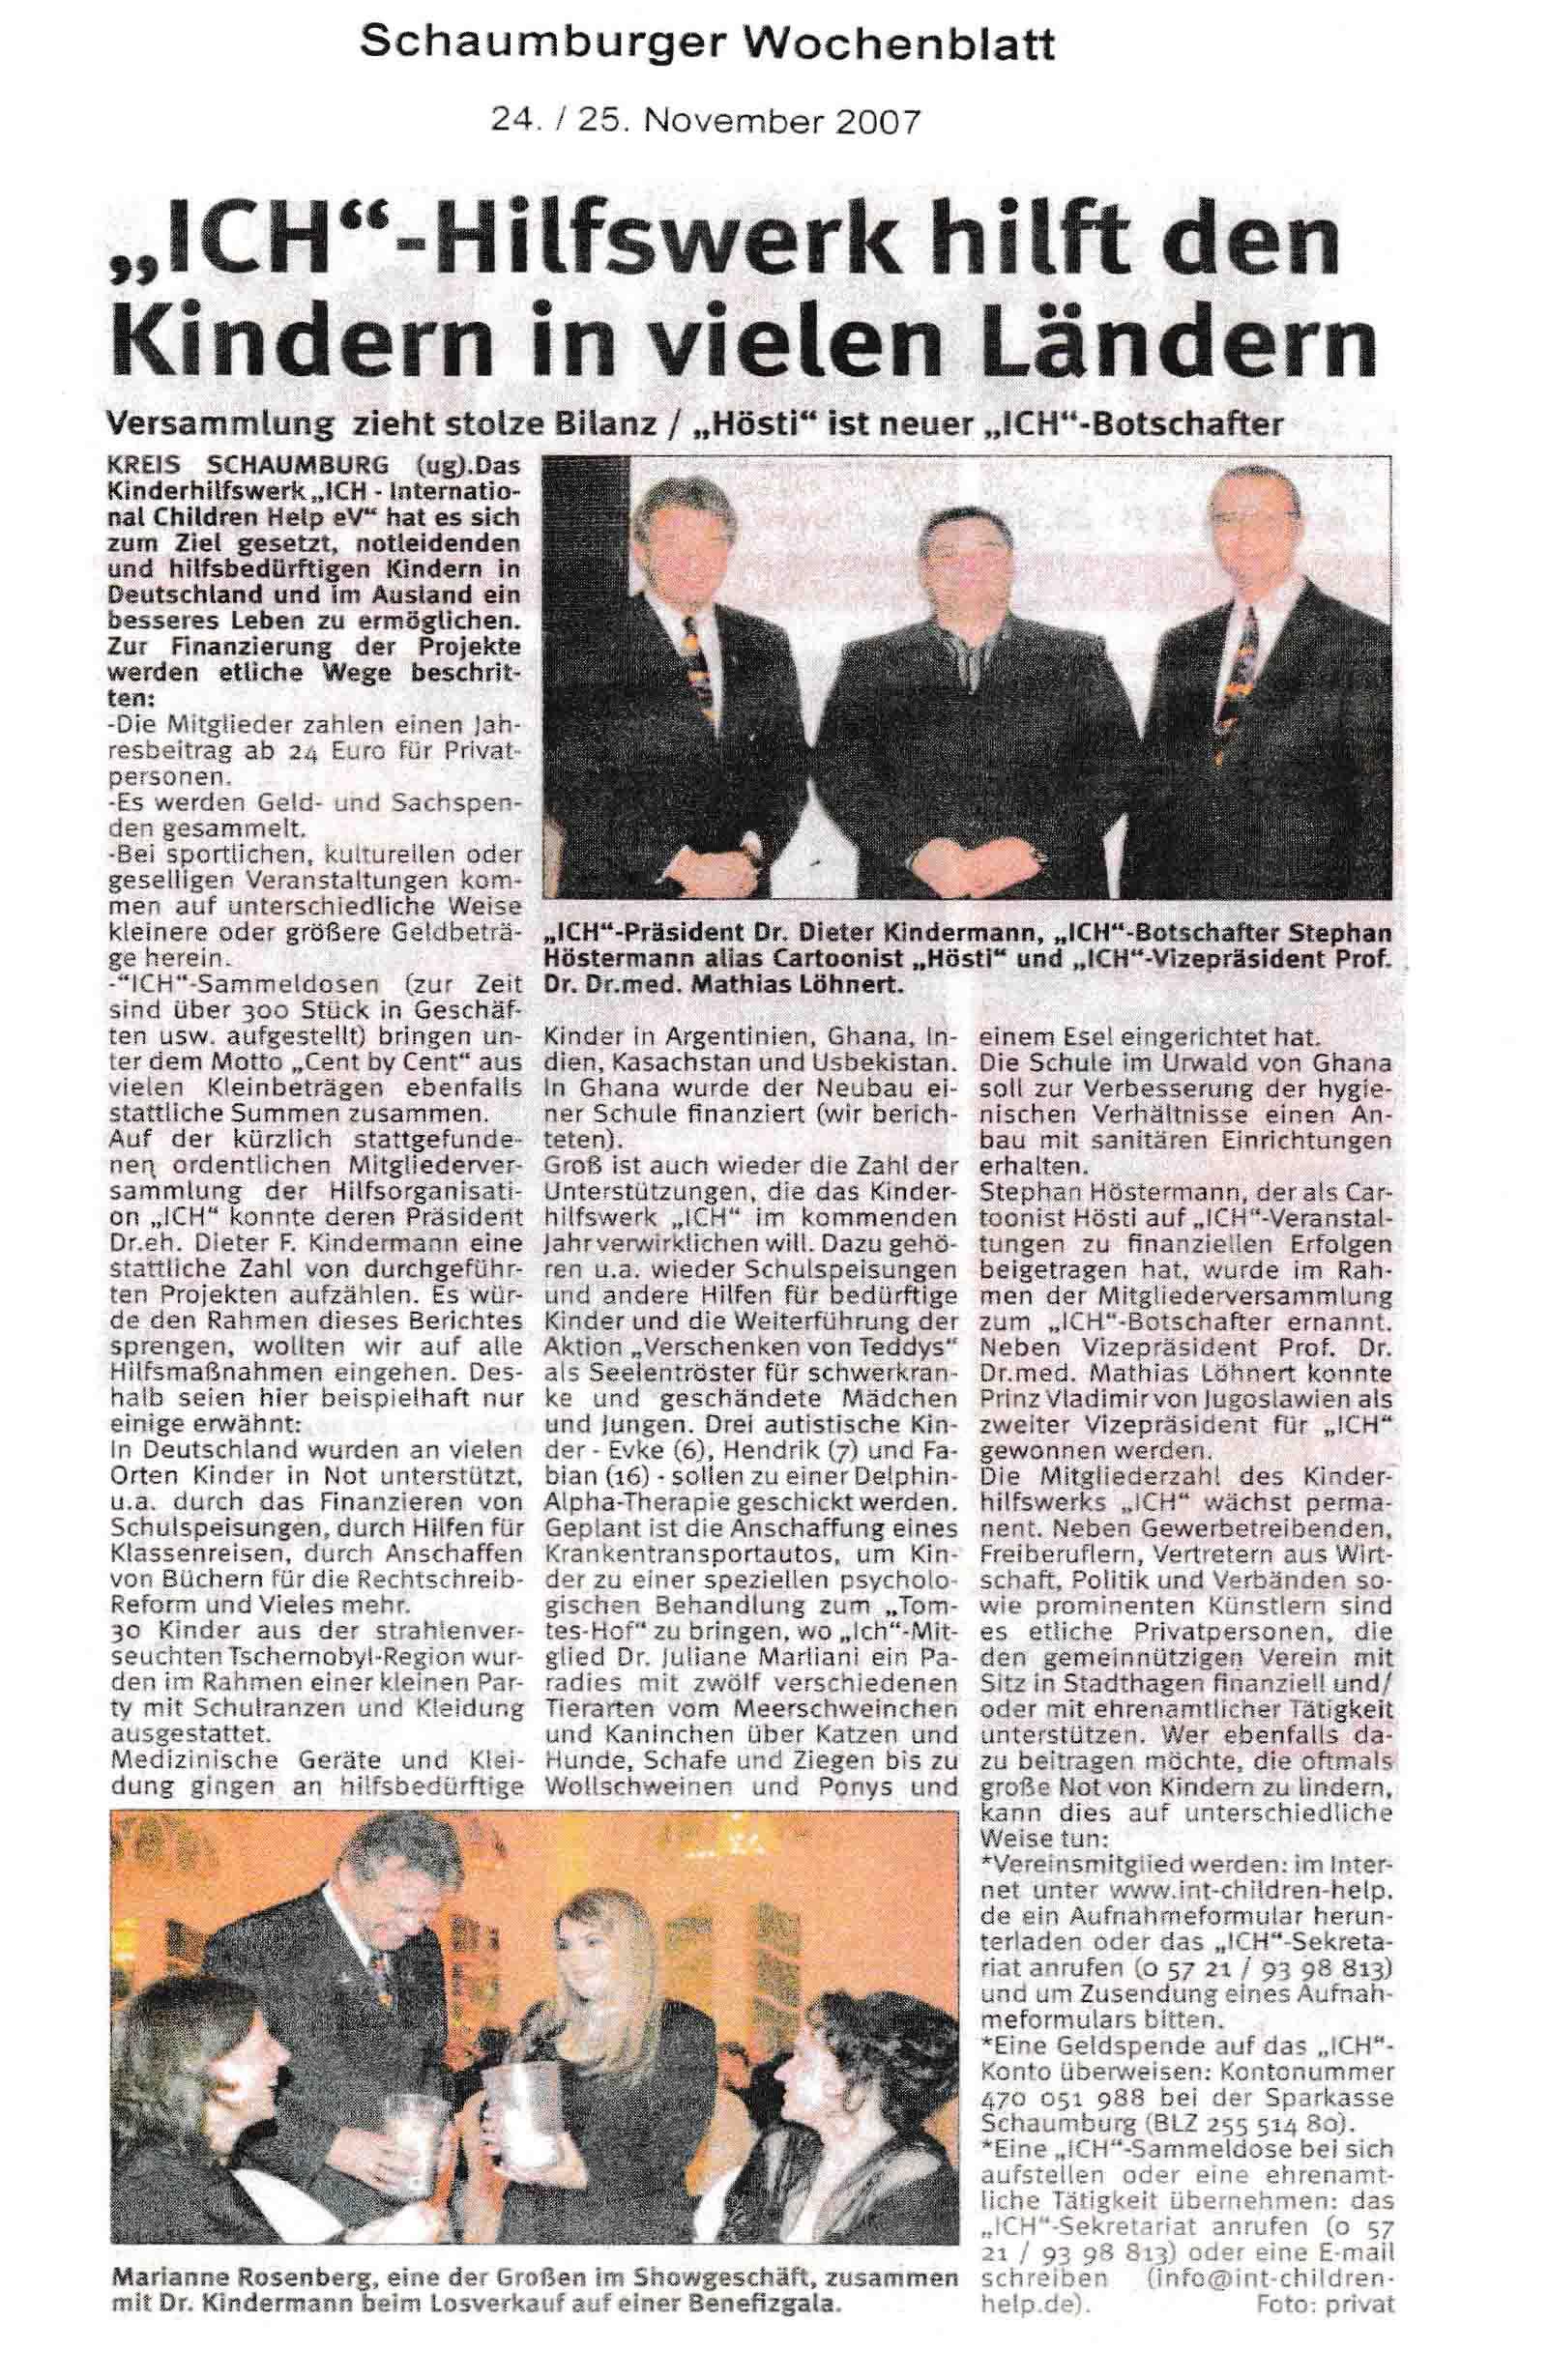 Schaumburger Wochenblatt 24 und 25 11 2007